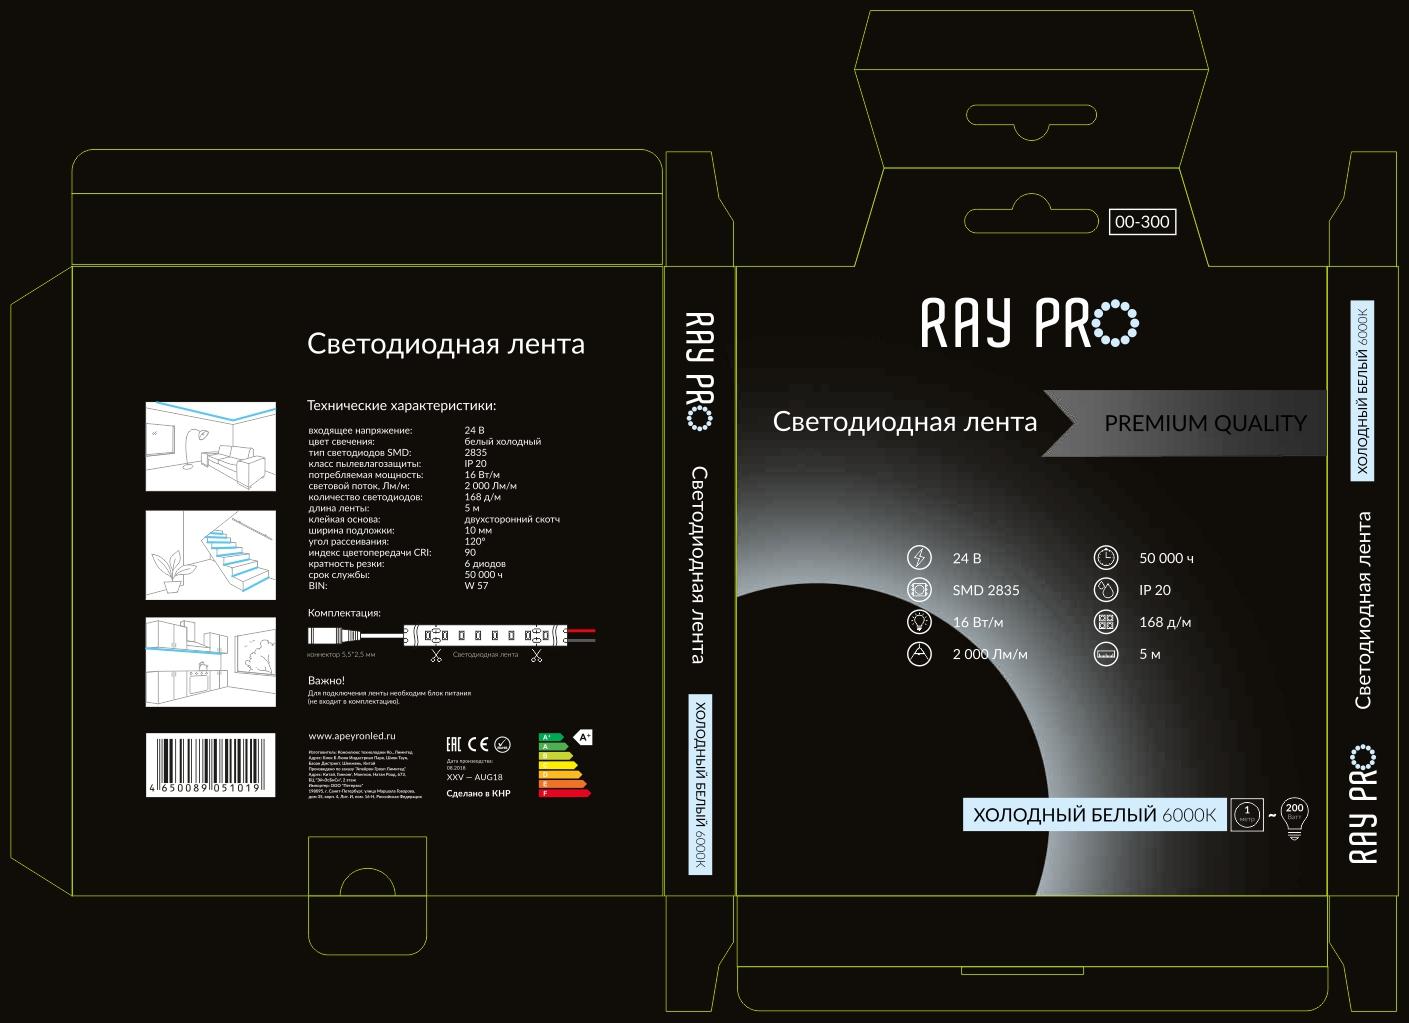 Разработка логотипа (продукт - светодиодная лента) фото f_5535bc083b7542aa.jpg